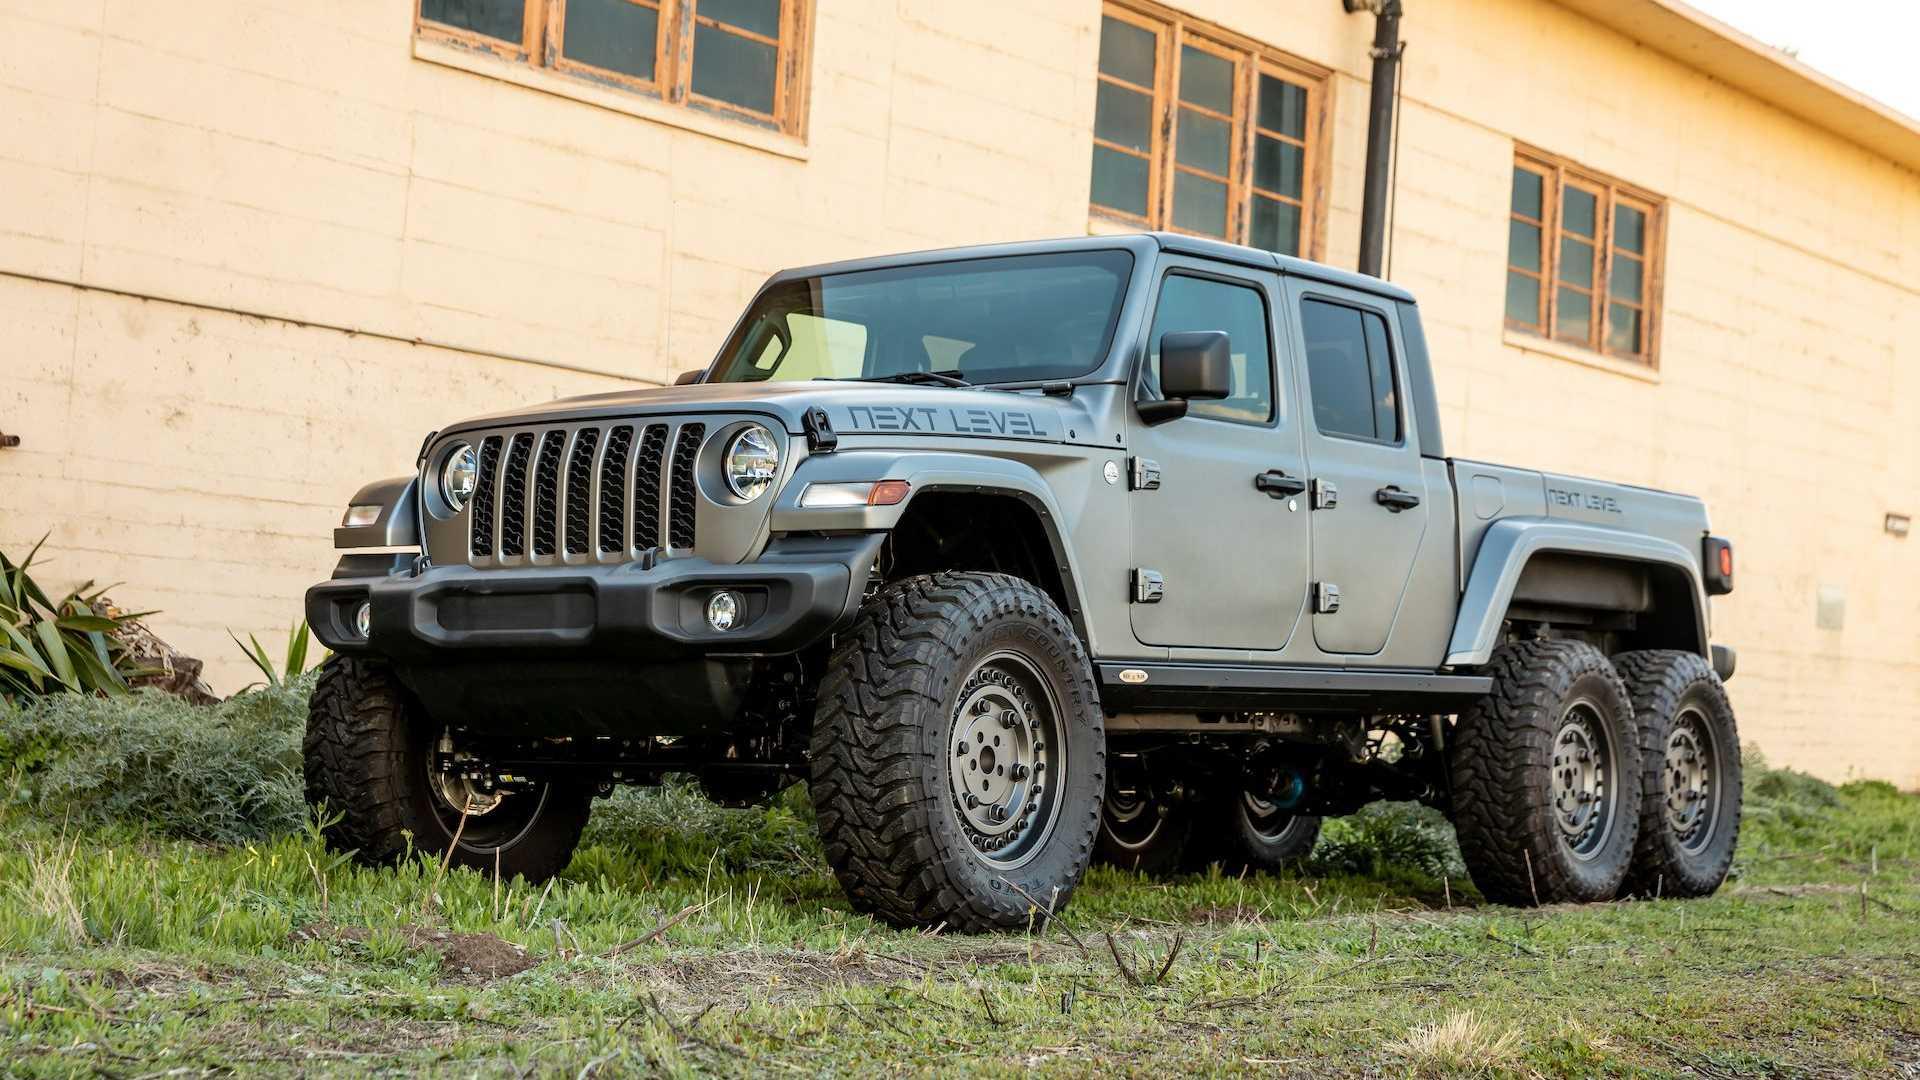 Jeep-Gladiator-6x6-by-Next-Level-6